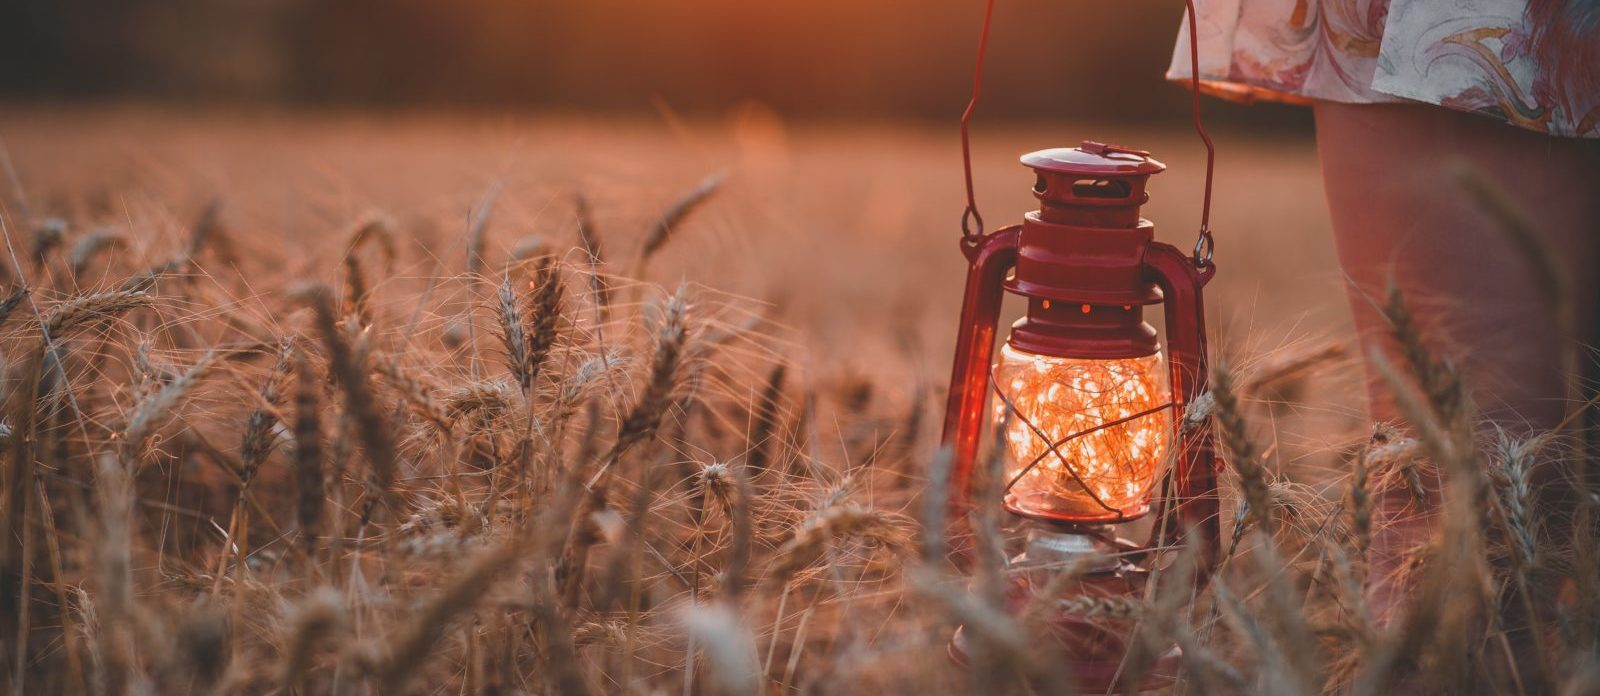 escuela para terapeutas emite tu luz marketing para terapeutas